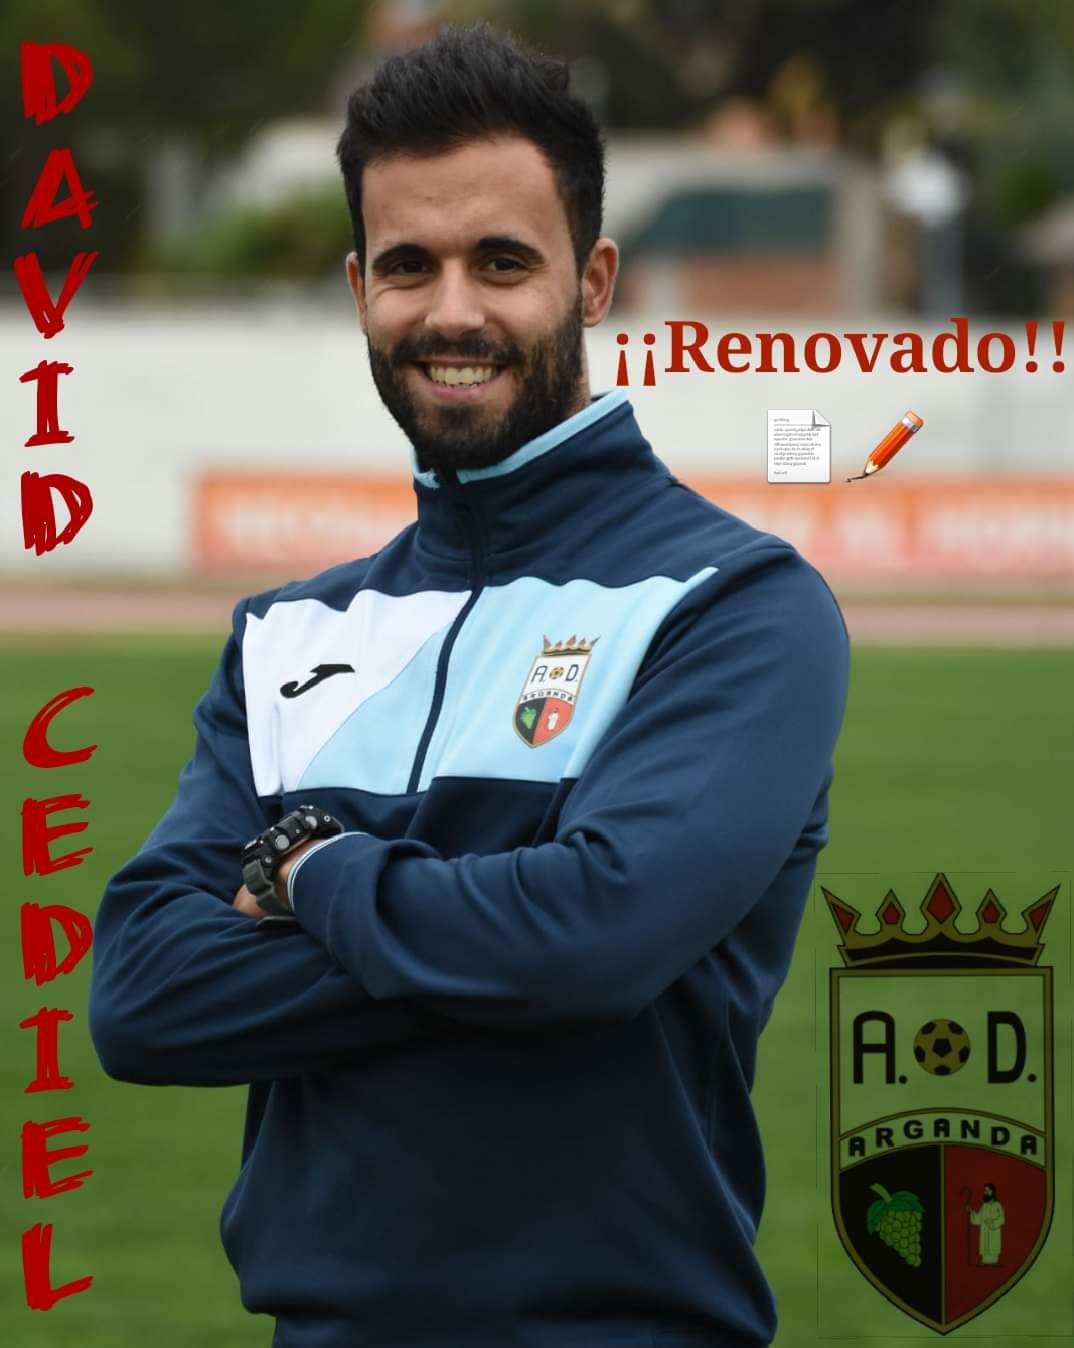 RENOVACIÓN DE DAVID CEDIEL